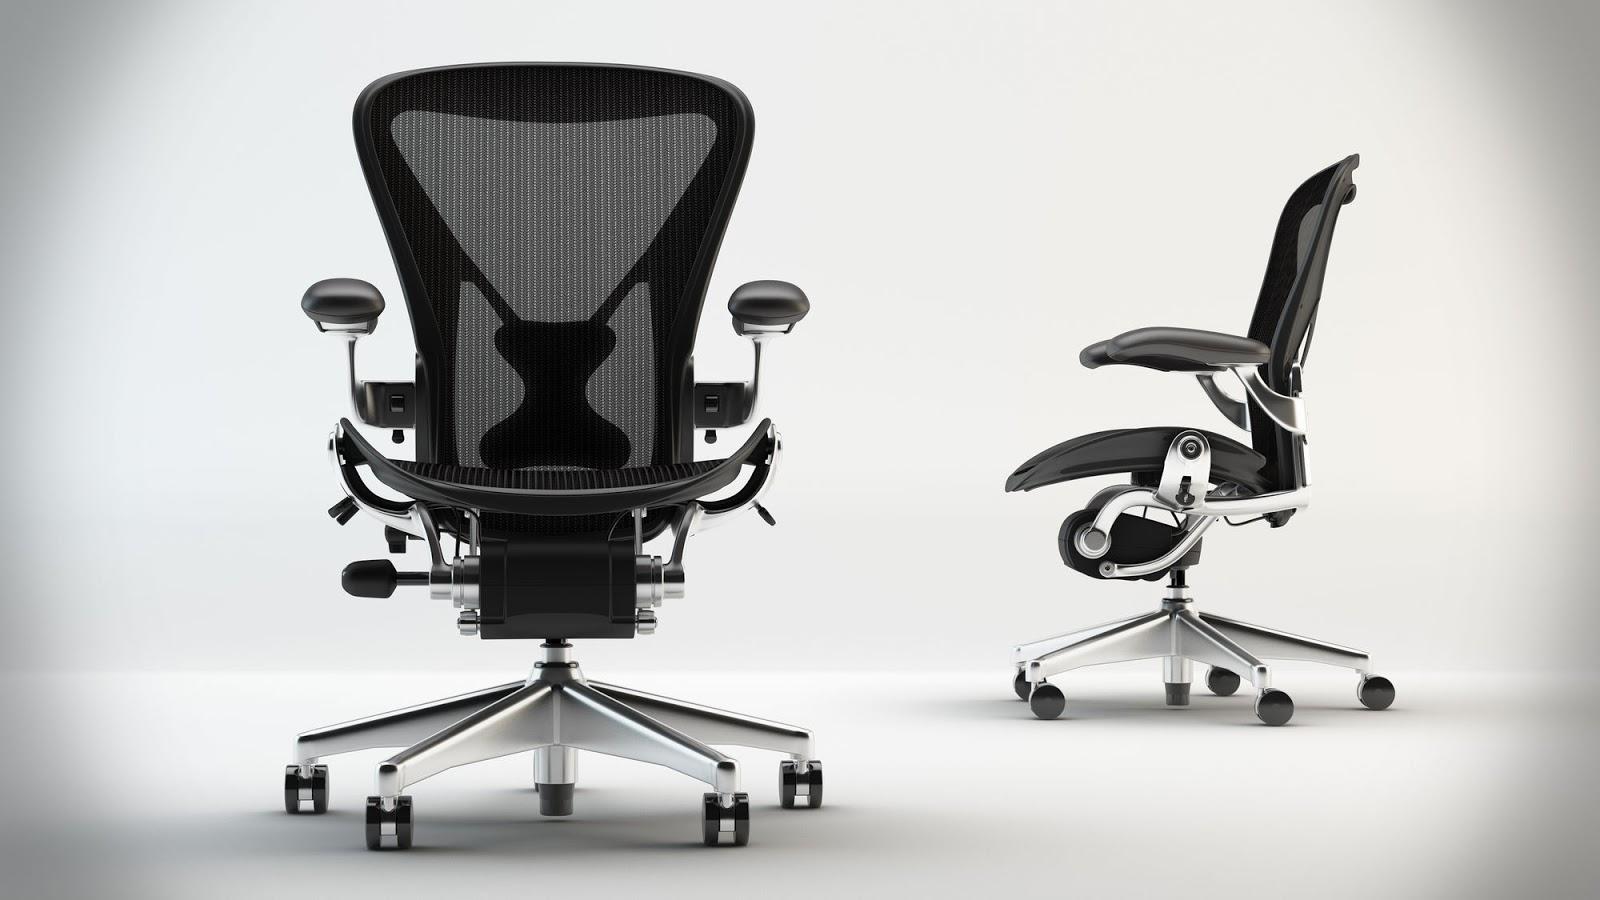 Sedie Ufficio Comode : Idee regalo vederli e volerli la migliore sedia da ufficio è